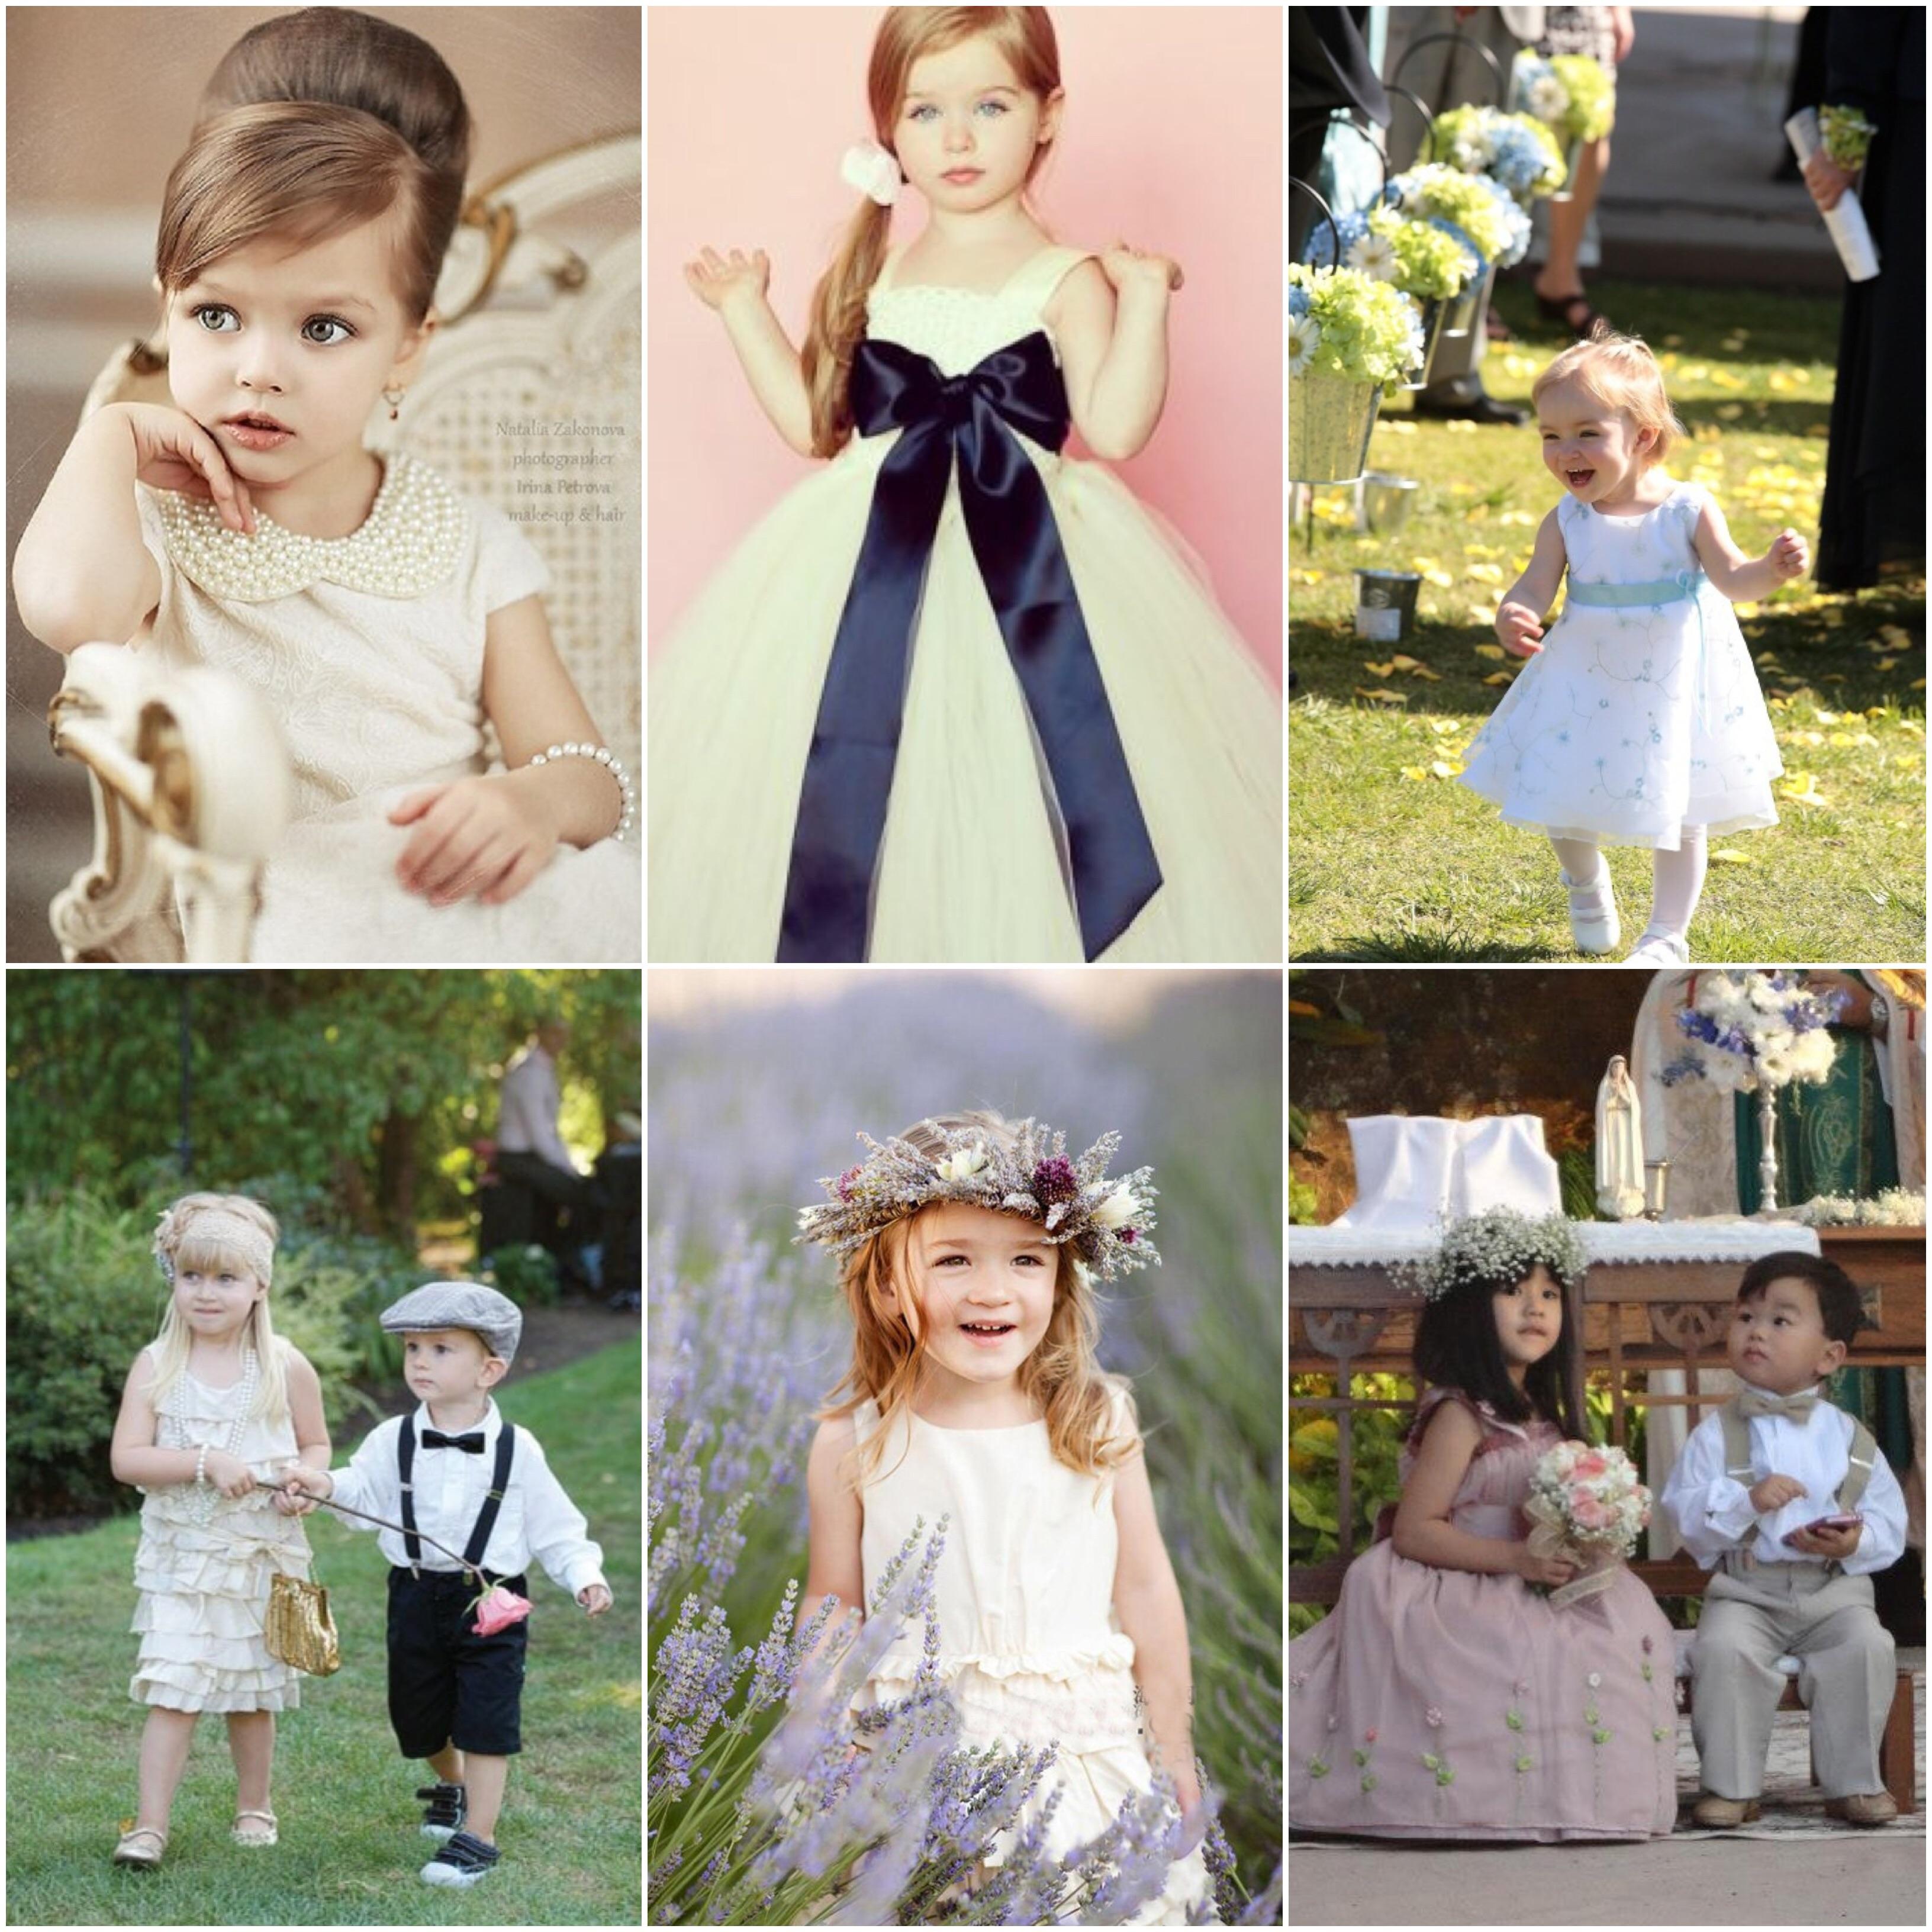 Ideias para daminhas e pajens  como envolvê-los no casamento 724c41887a4